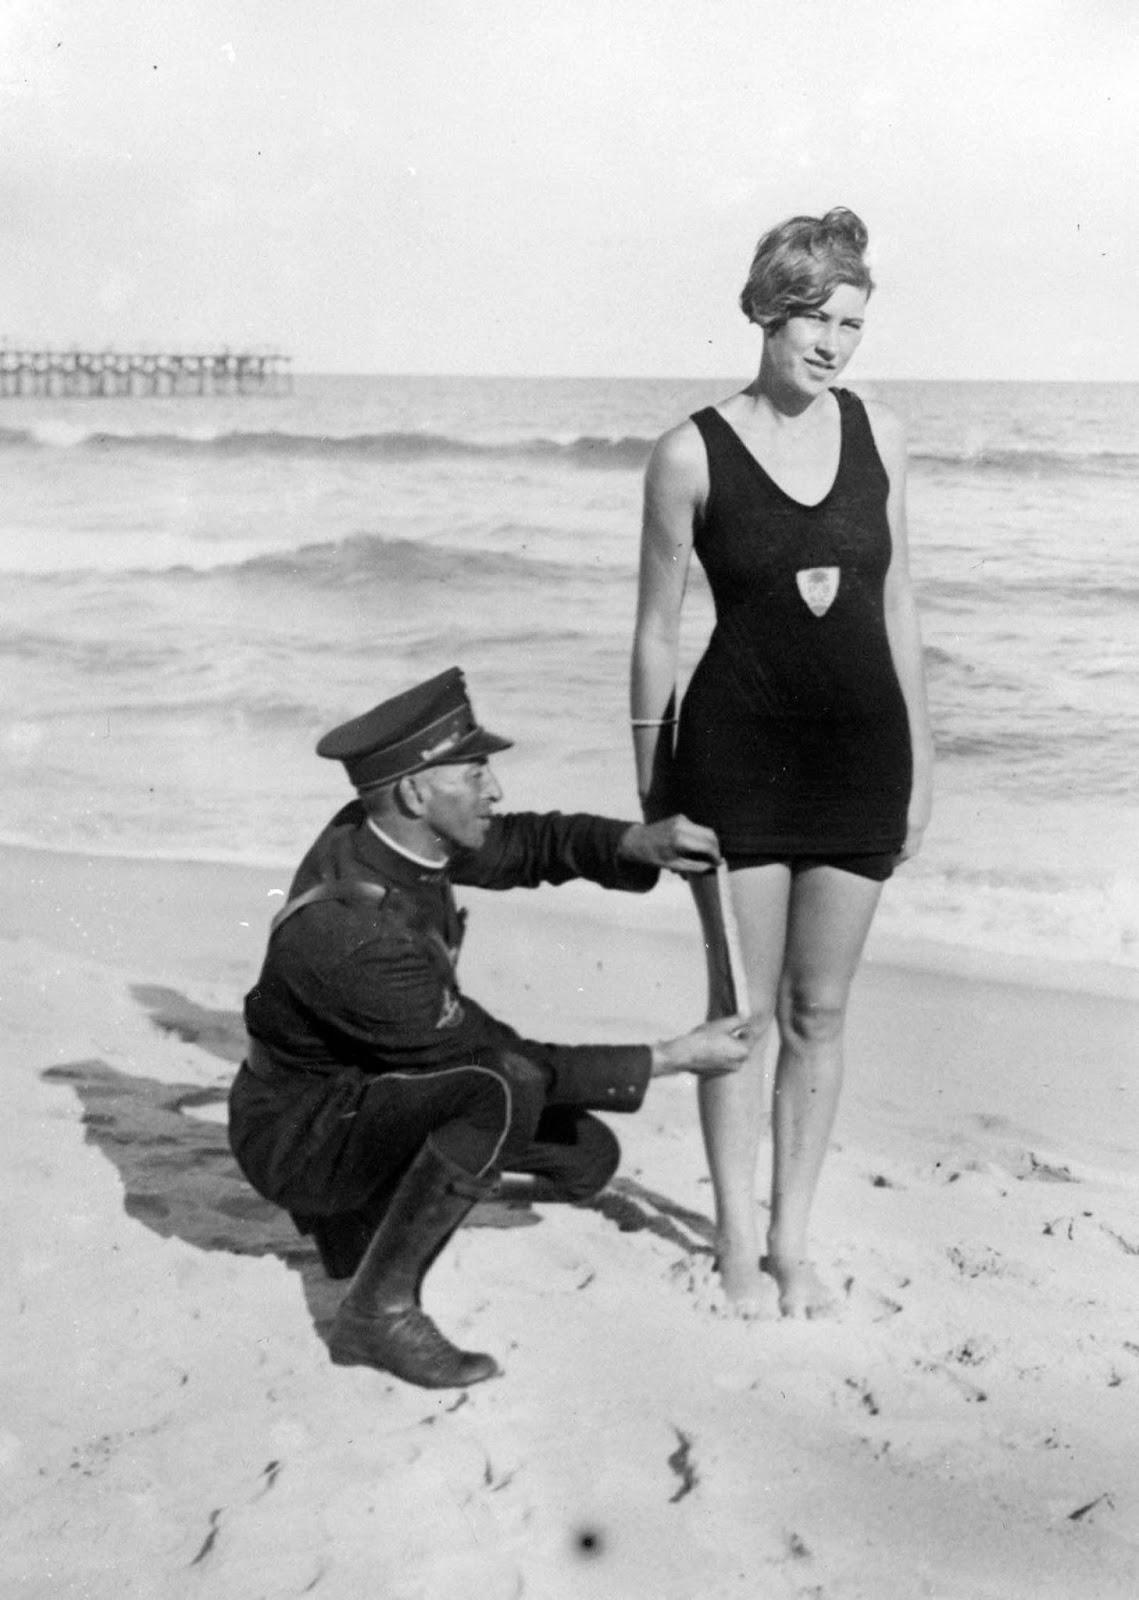 Измерение разрешённой цензурой длины купального костюма на Палм-Бич, 1925 год